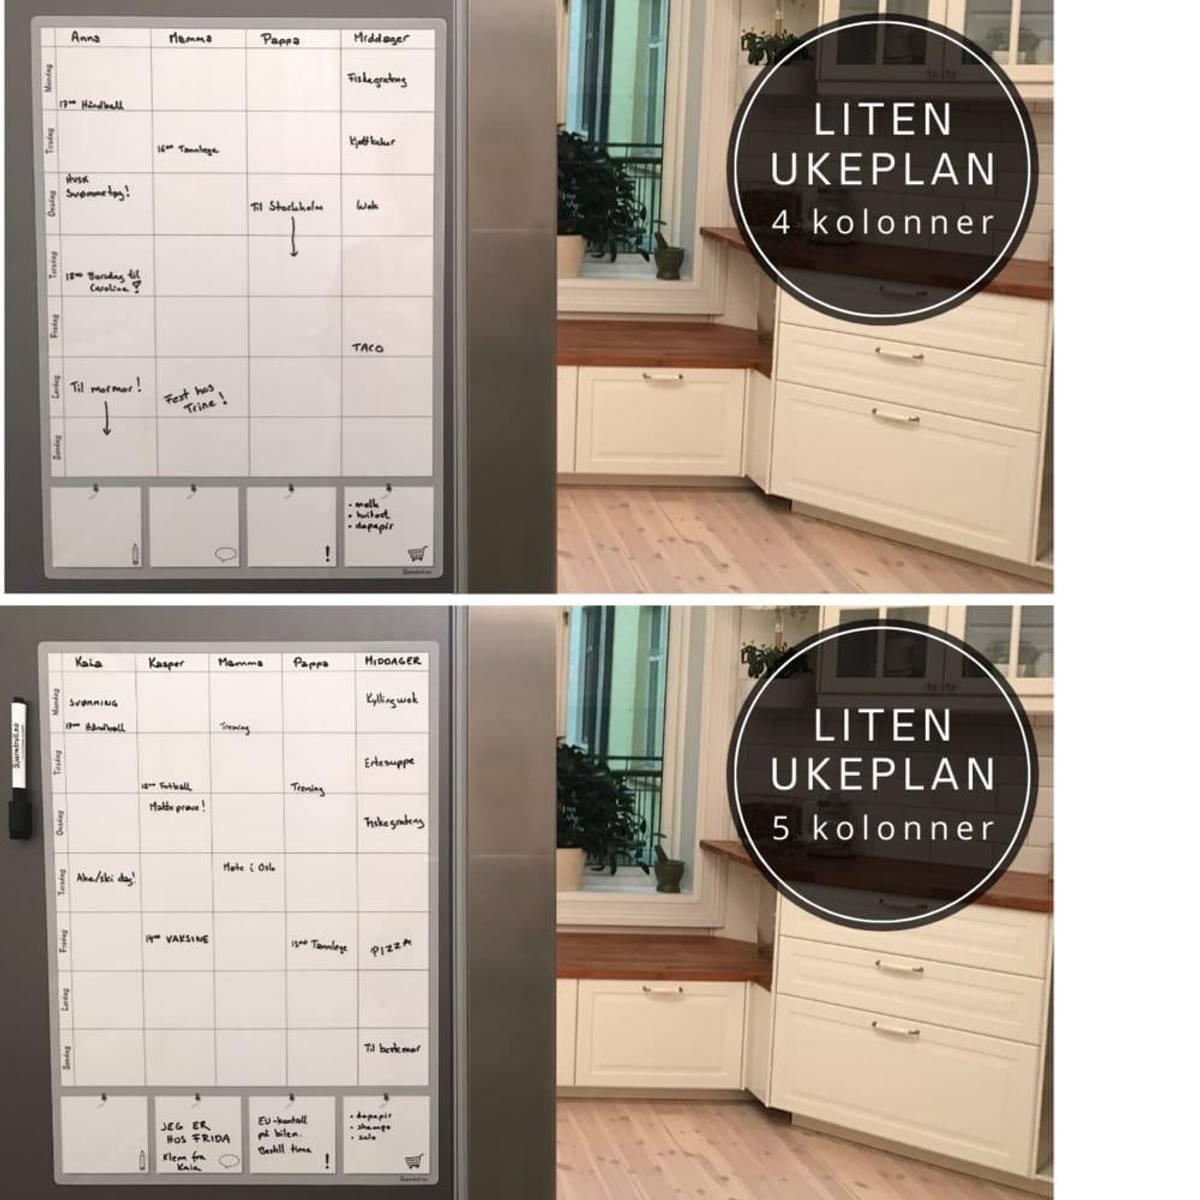 LITEN UKEPLAN, MAGNETISK - Også til integrerte kjøleskap & vegg